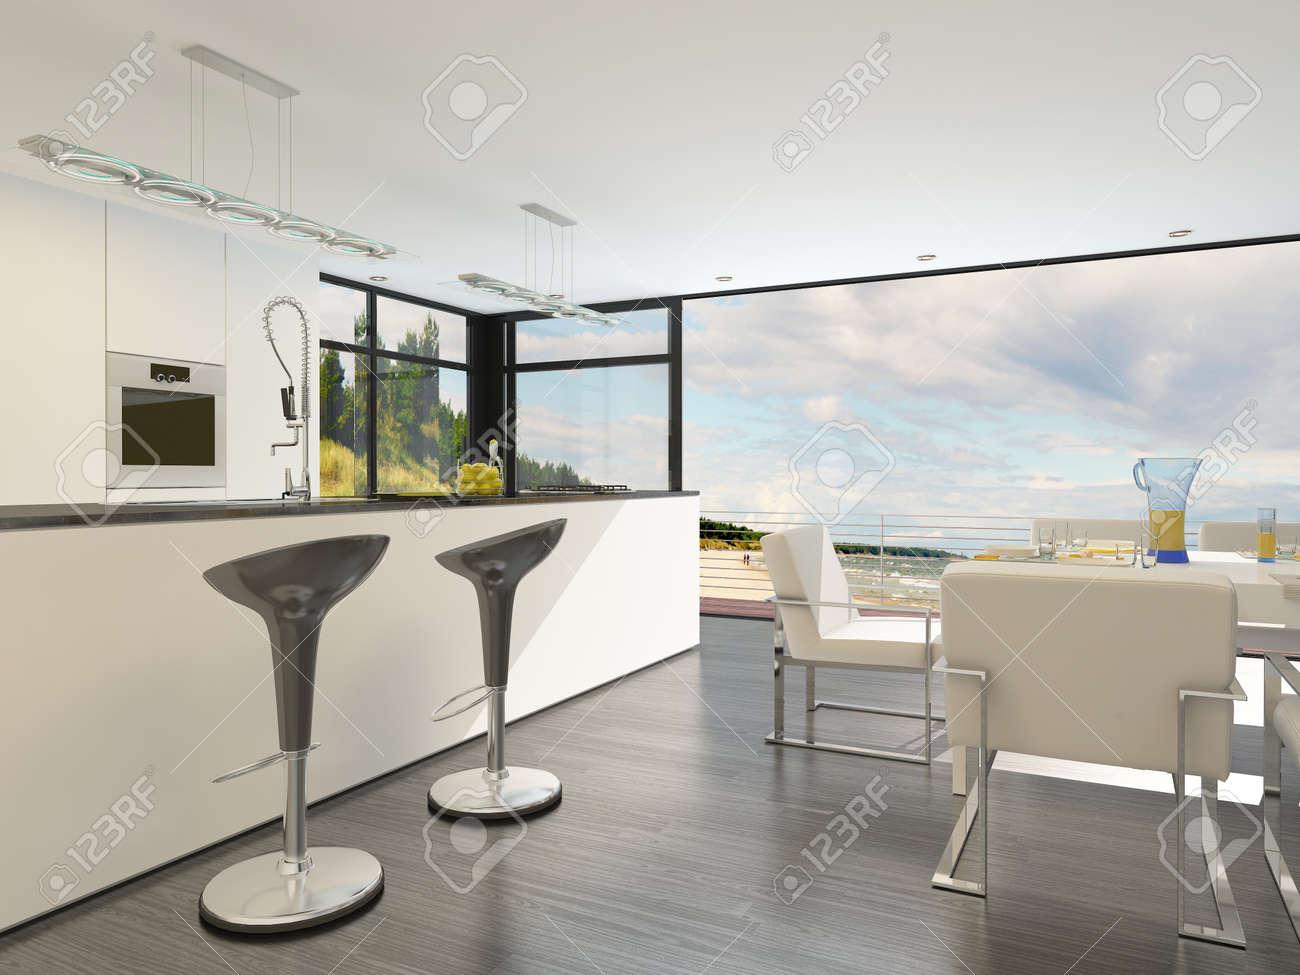 Moderne Offene Küche Mit Theke Einer Bar Mit Modernem Design ...